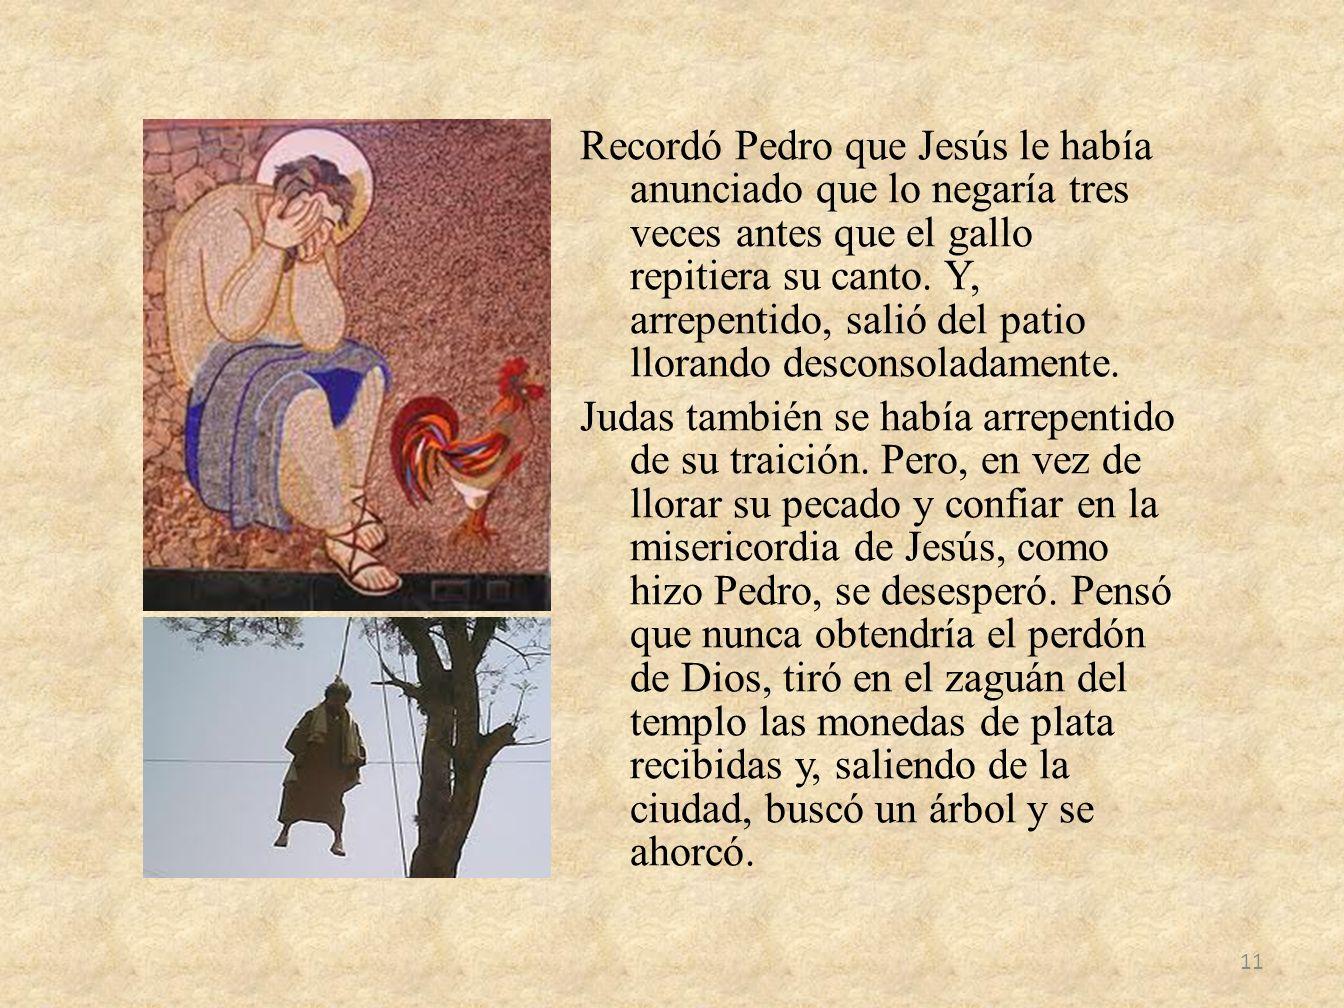 Recordó Pedro que Jesús le había anunciado que lo negaría tres veces antes que el gallo repitiera su canto. Y, arrepentido, salió del patio llorando d